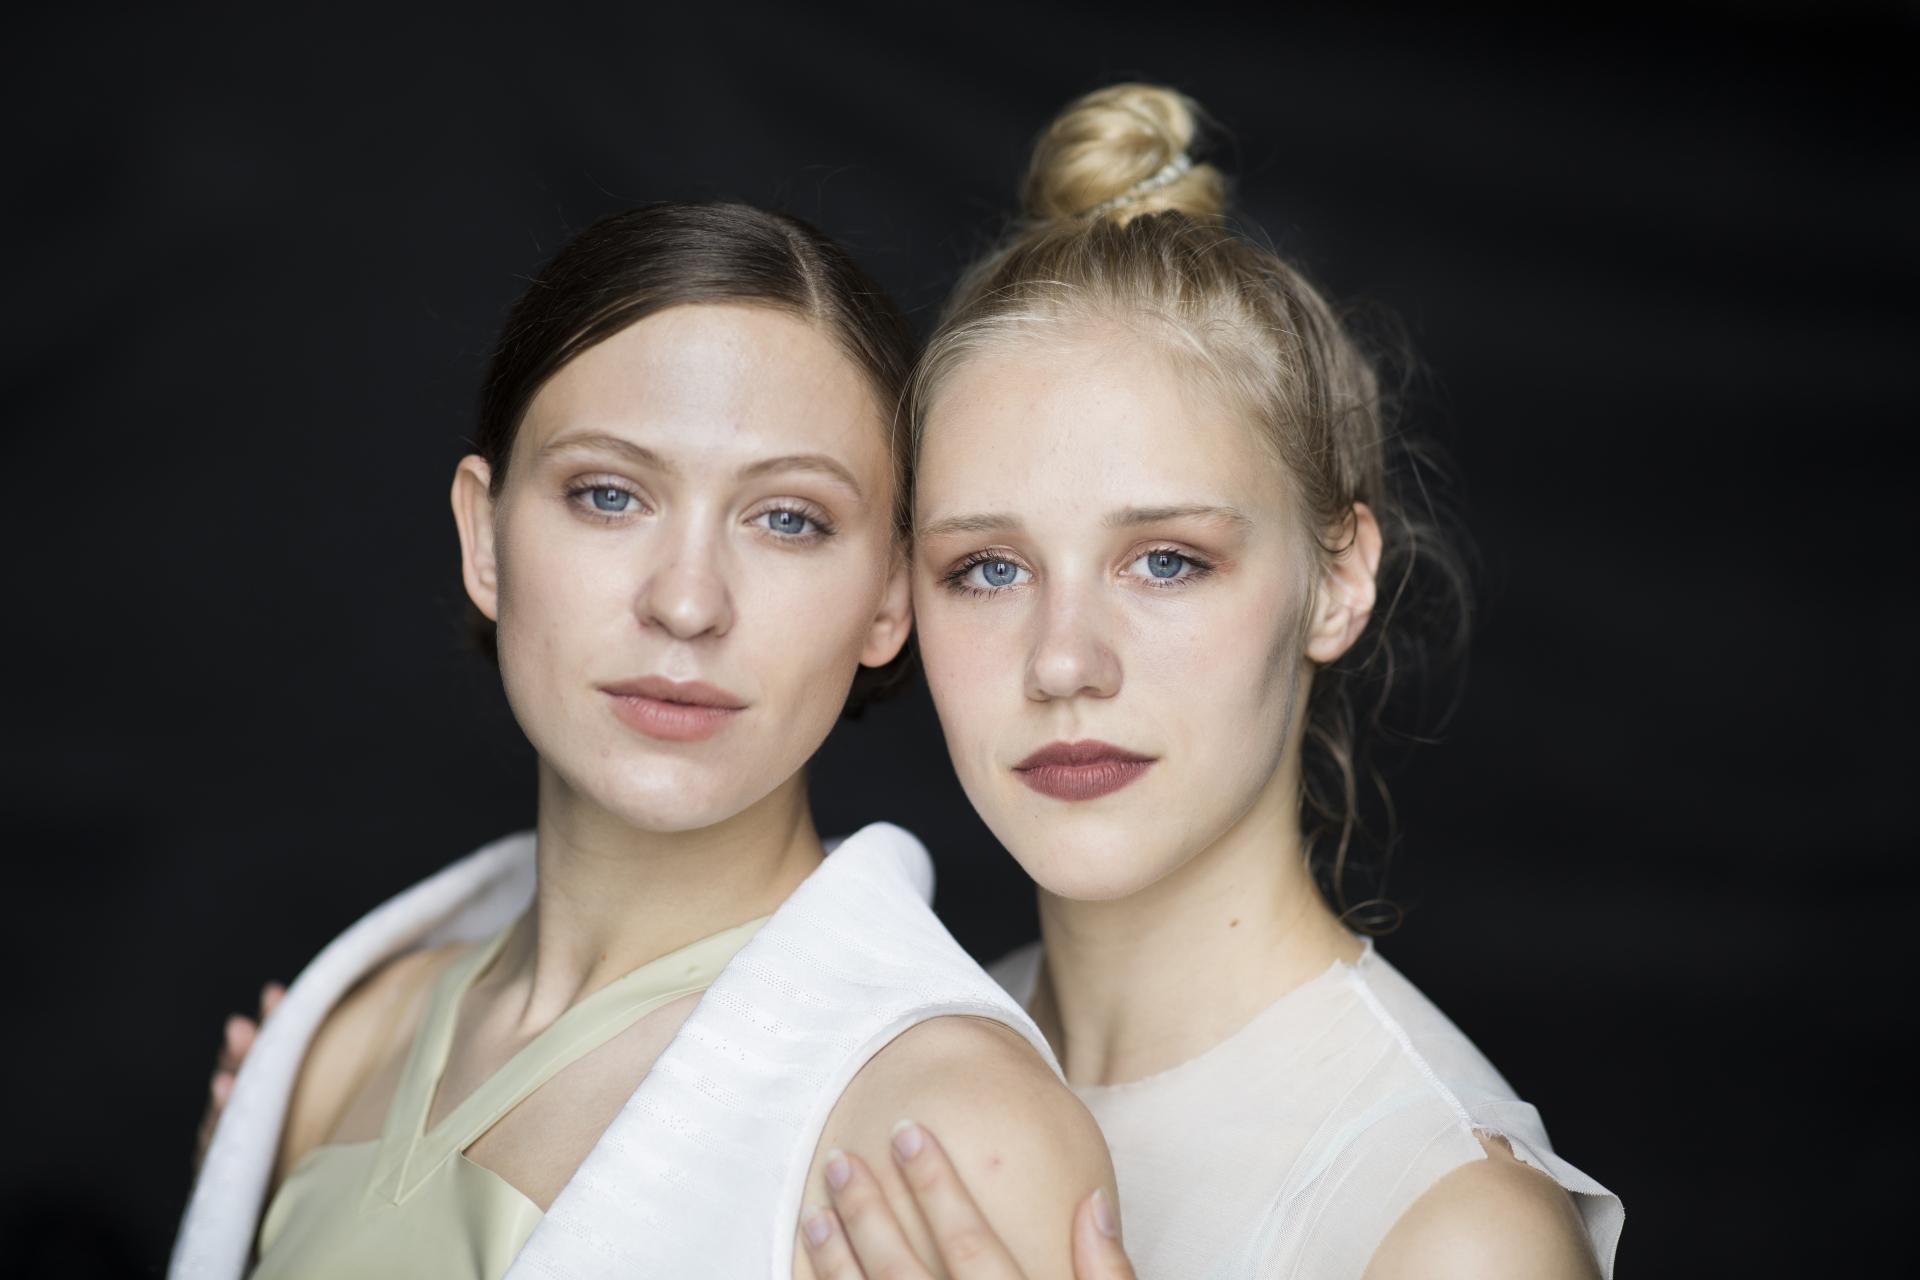 Magische Portraits mit available light - Canon Academy Portrait